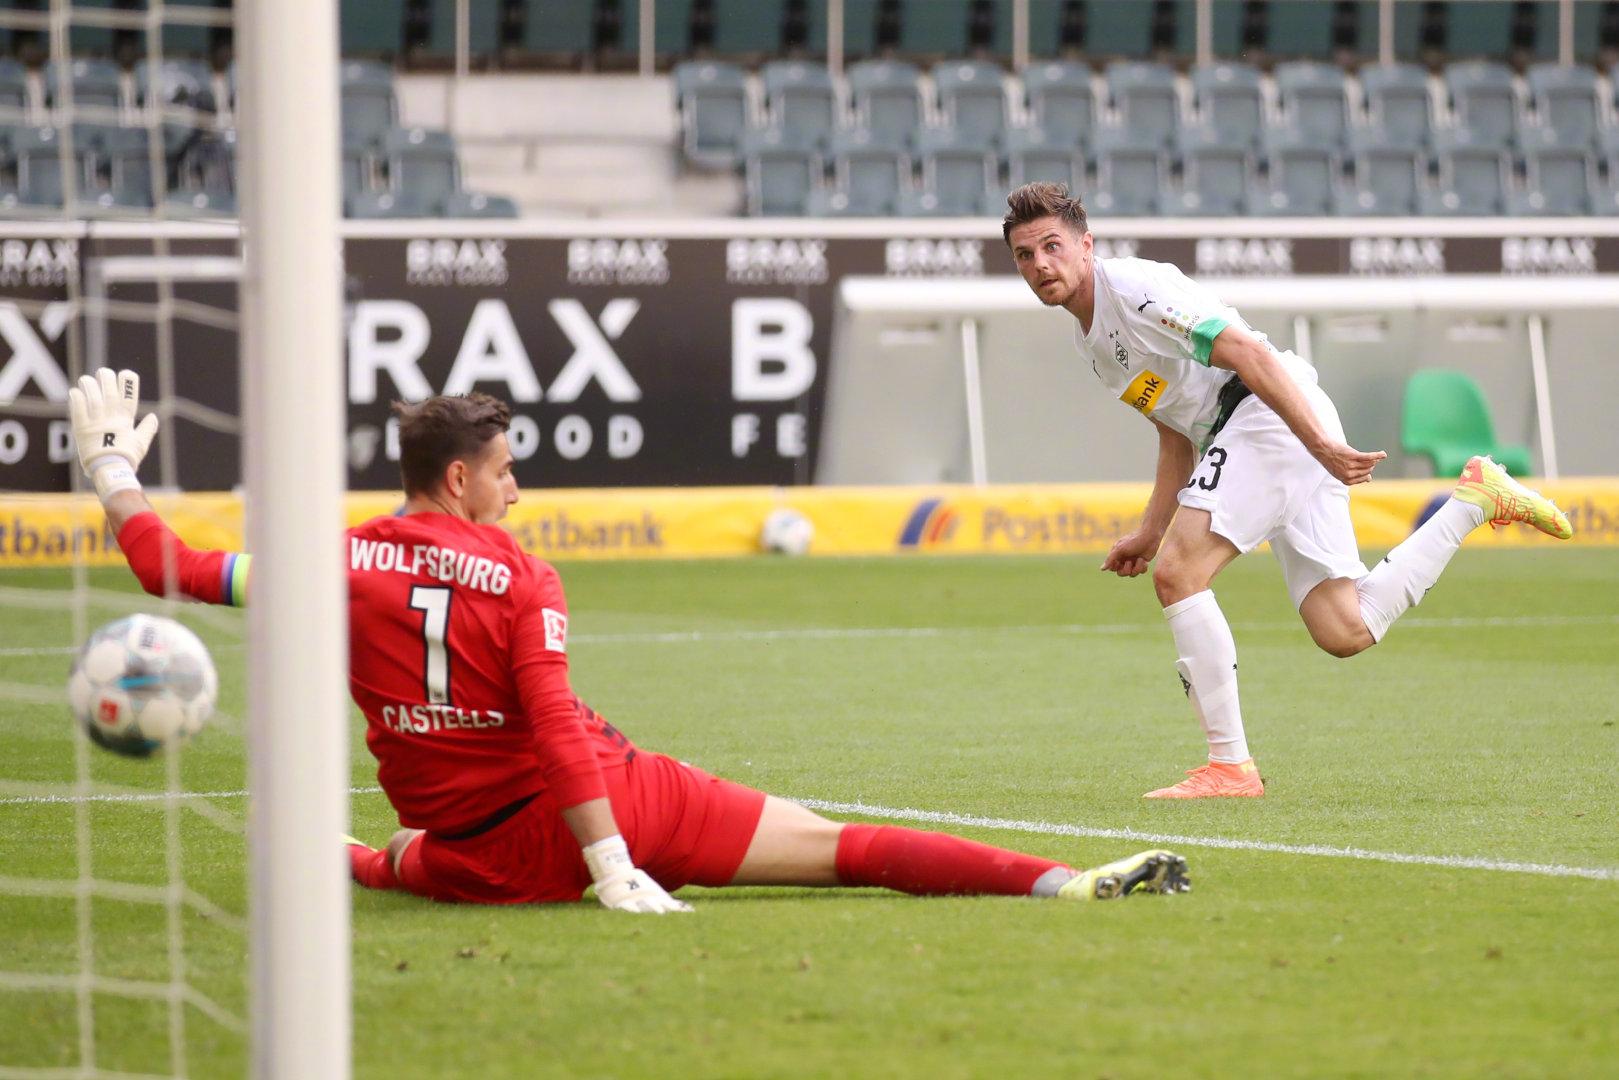 霍夫曼梅开二度施廷德尔建功,门兴3-0沃尔夫斯堡